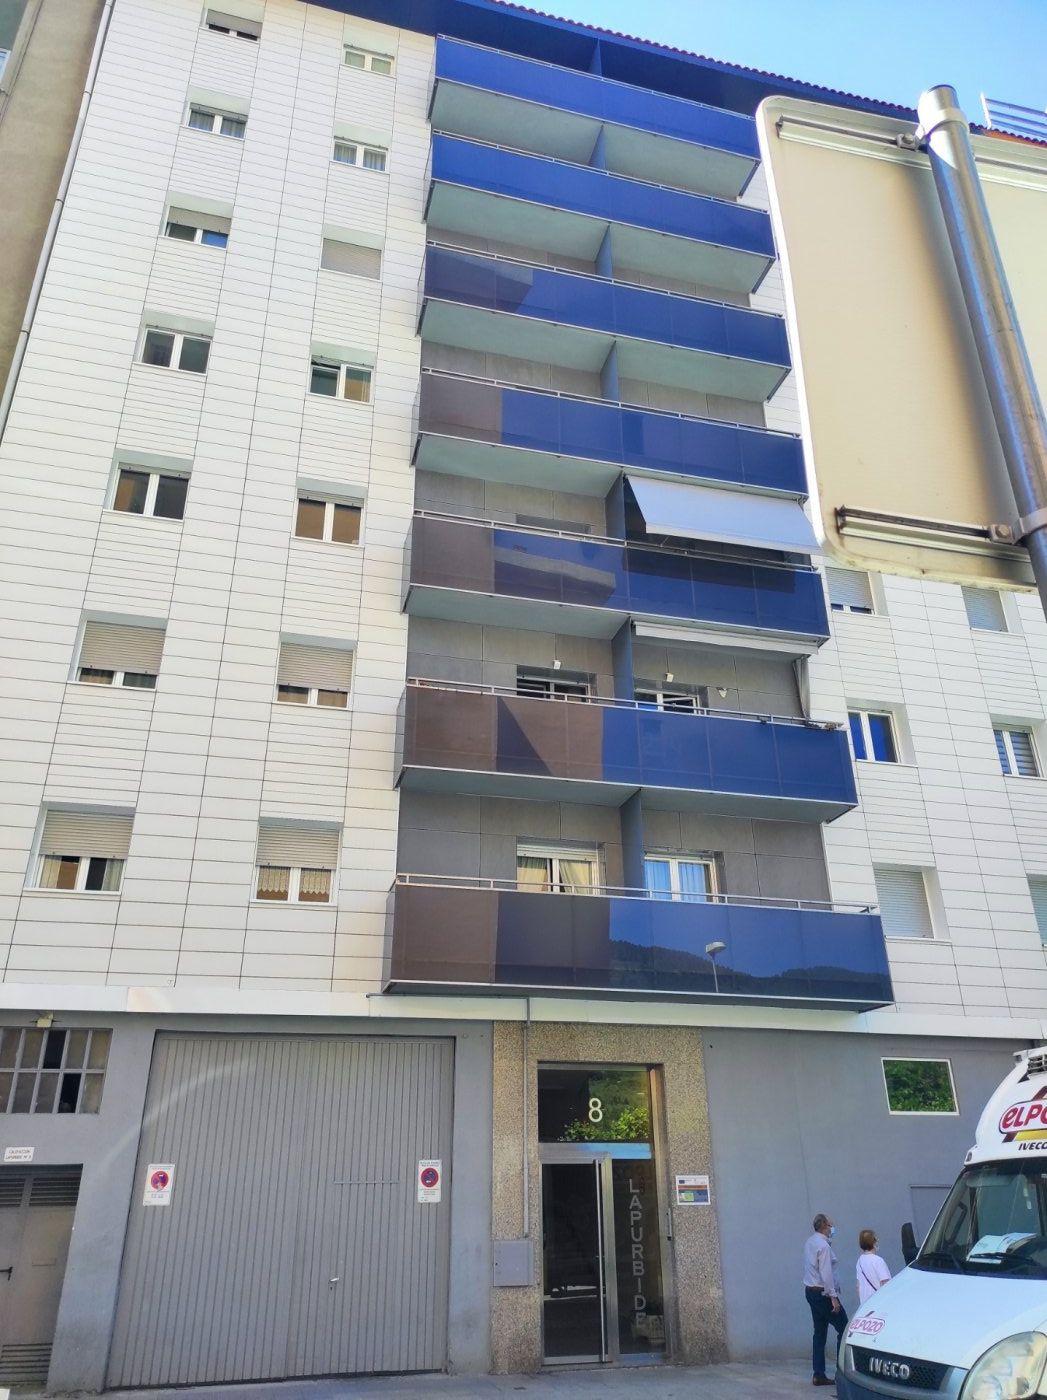 Apartamento, Ansoain, Venta - Navarra (Navarra)